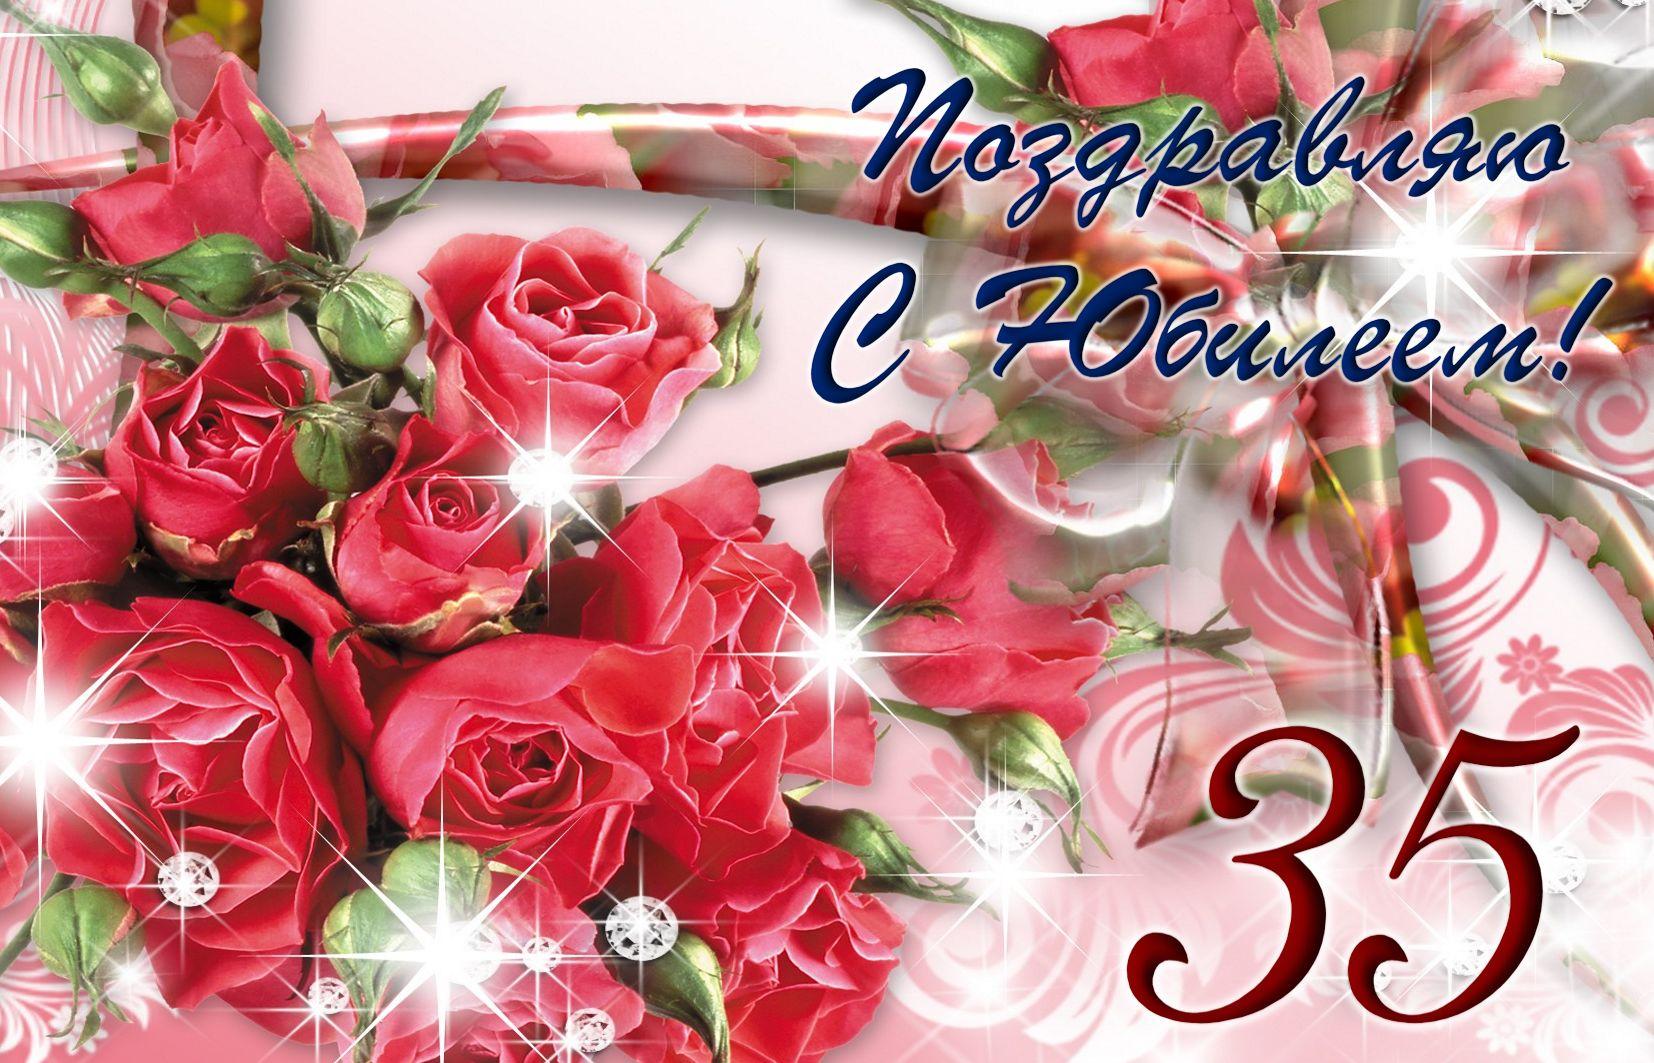 Поздравления с днем рождения женщине 35 лет жене